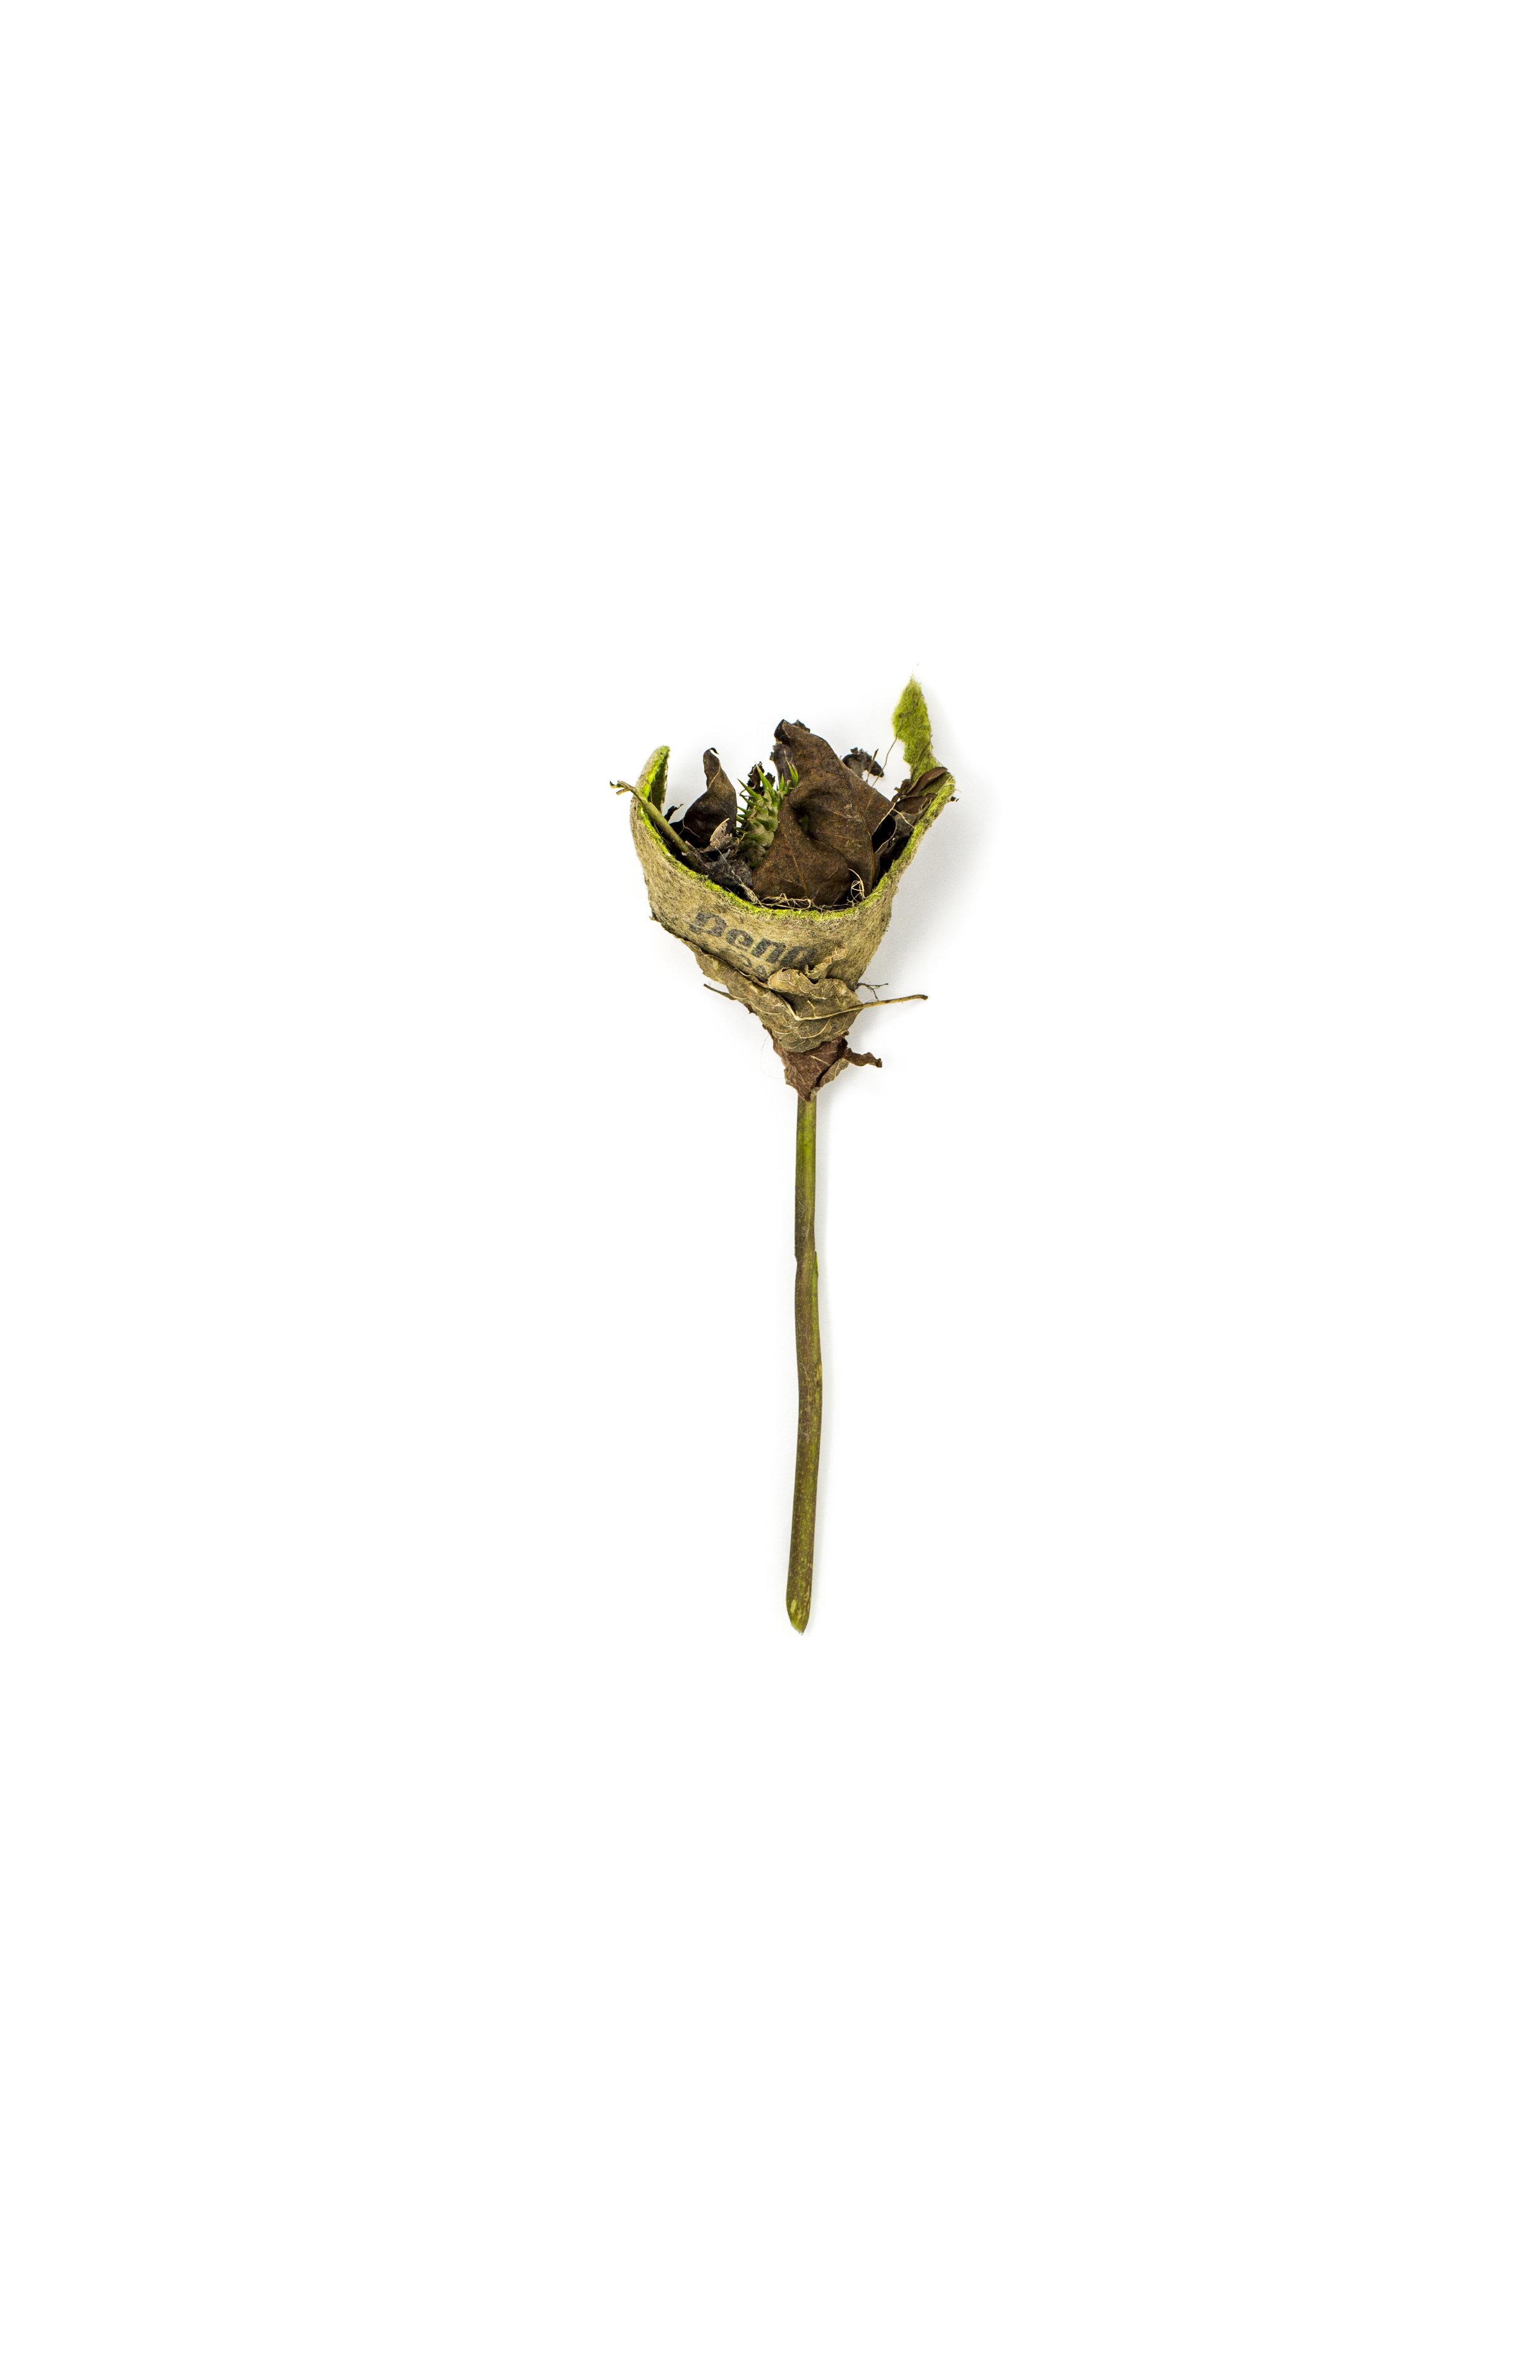 Debris_Flower_29.jpg